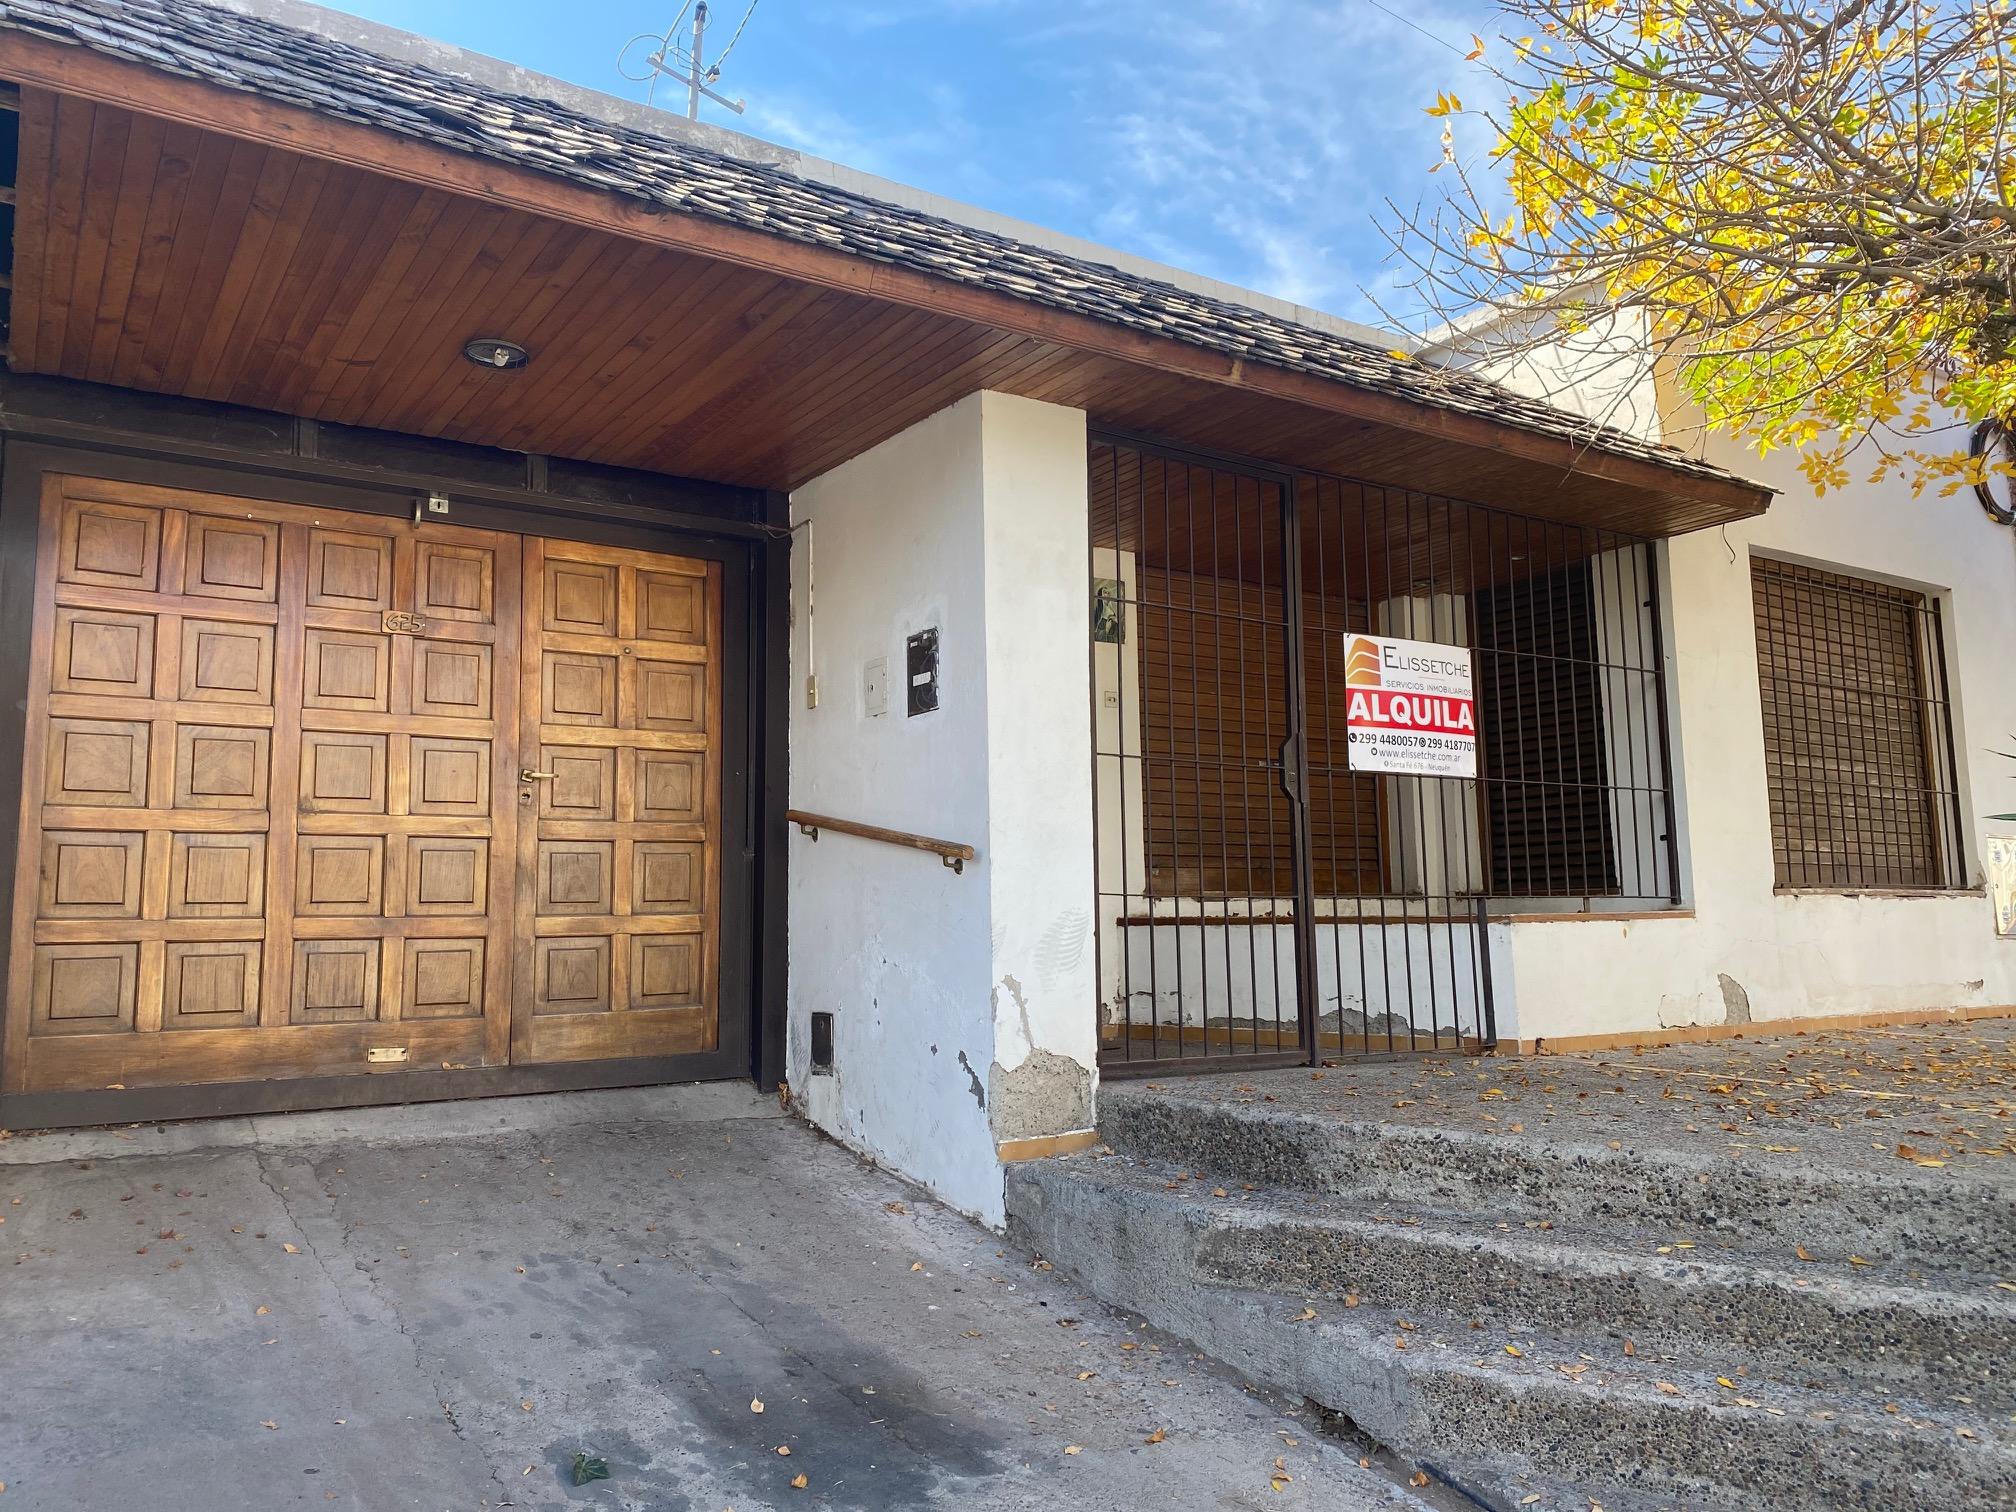 Casa en Alquiler para uso comercial, Ideal consultorios u Oficinas